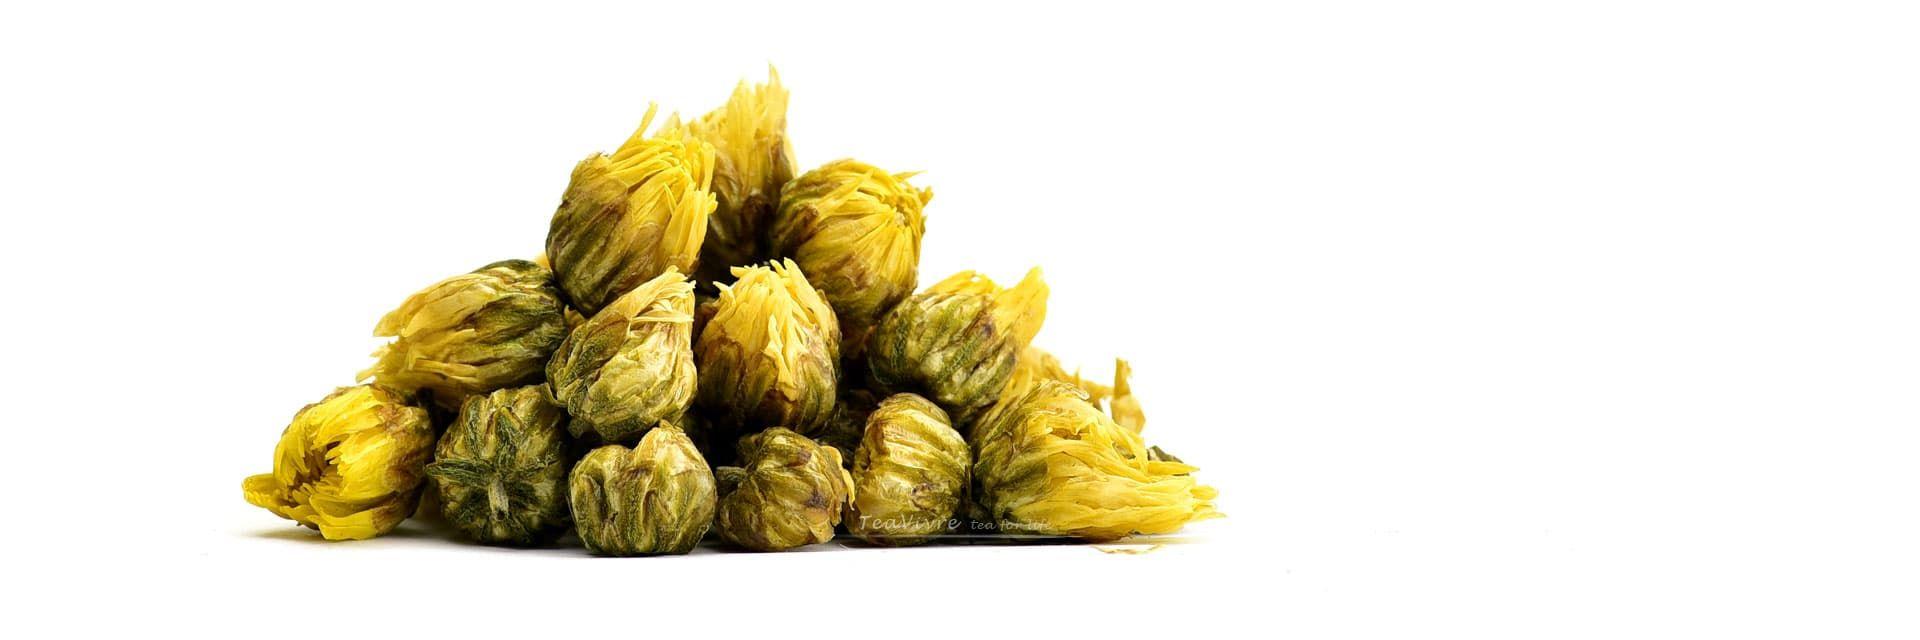 Dried Chrysanthemum Buds Tai Ju Herbal Tea Teavivre Com